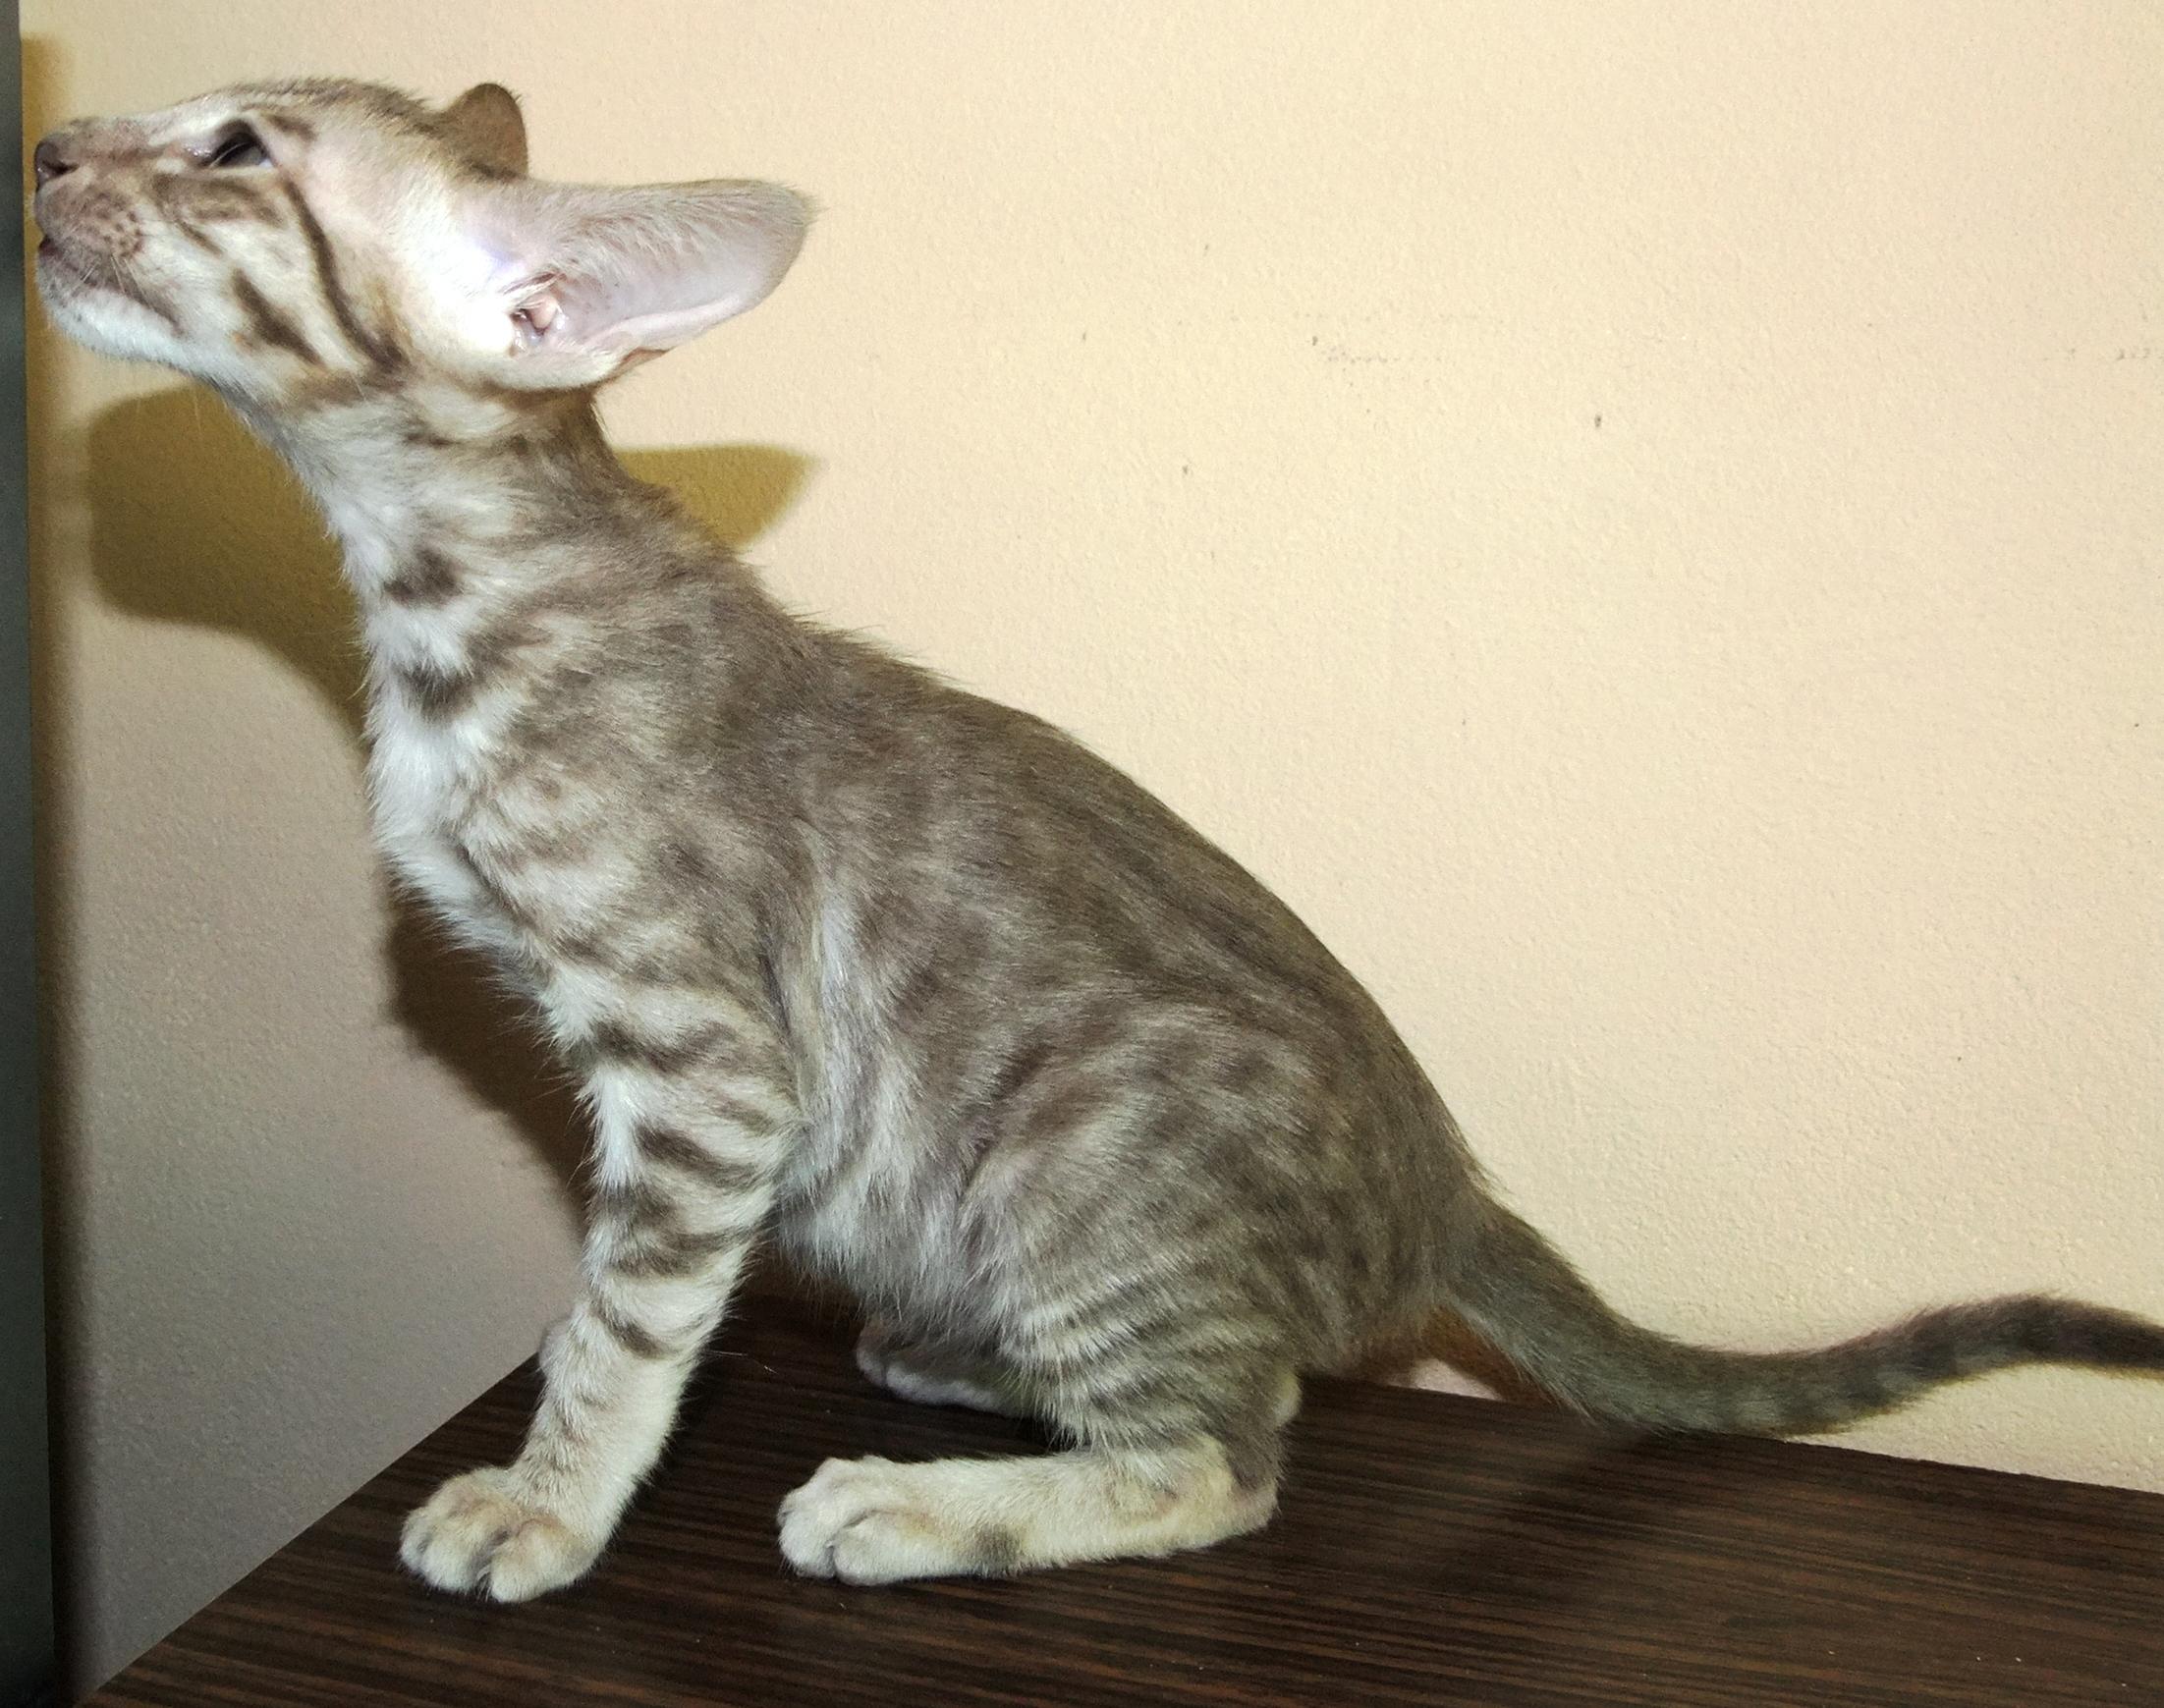 Питомник кошек elite brand - our cats